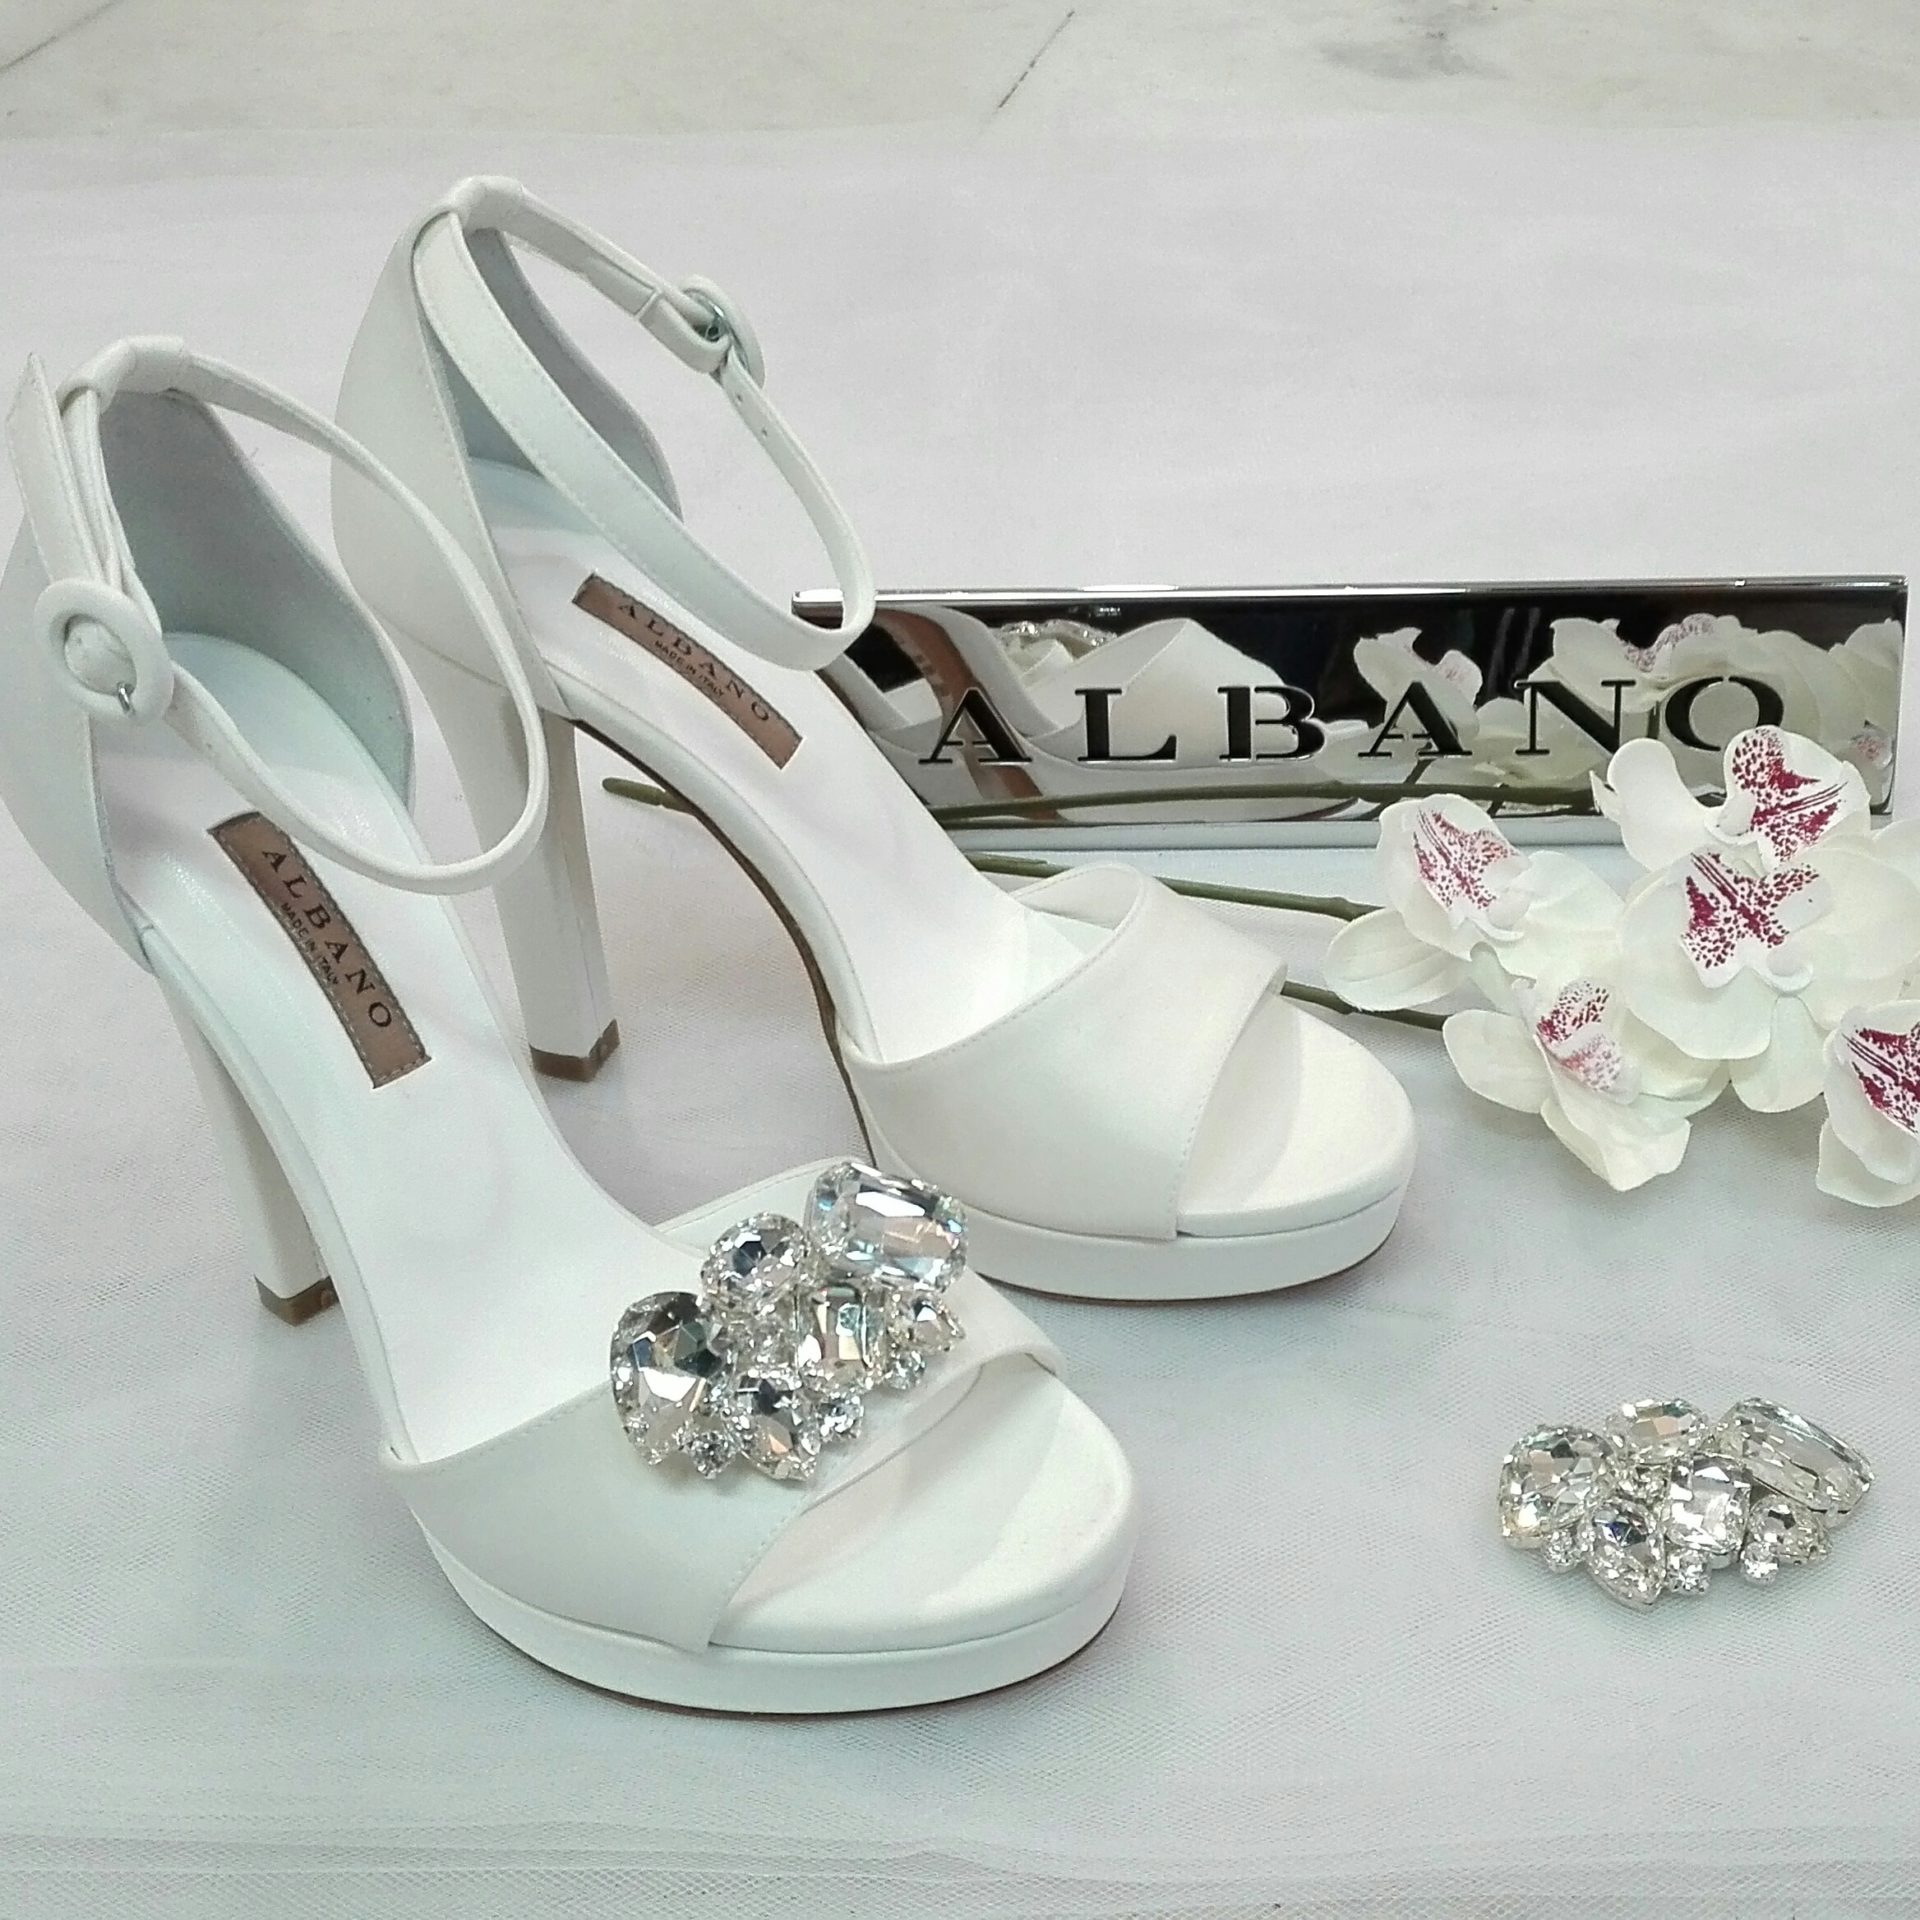 Clip Per Scarpe Da Sposa.Clip Gioiello Maryella Calzature